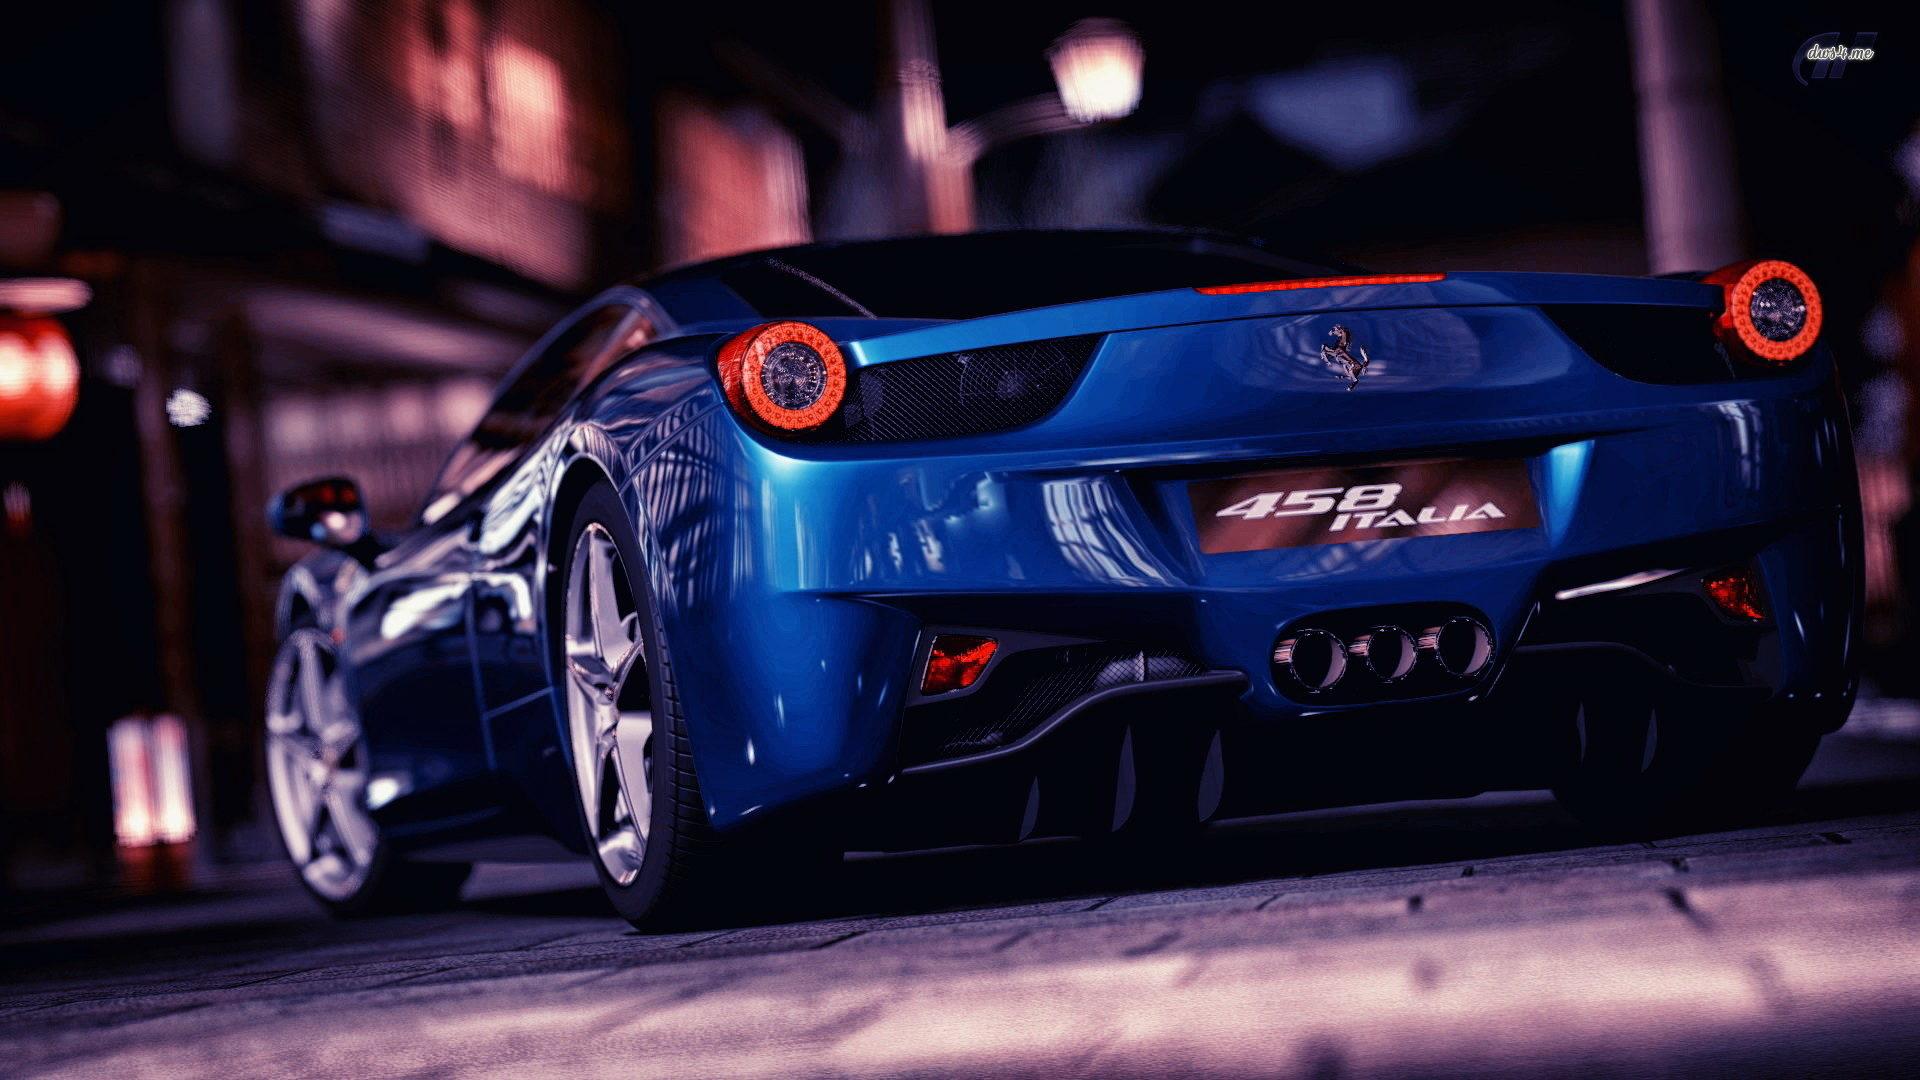 ferrari 458 italia blue